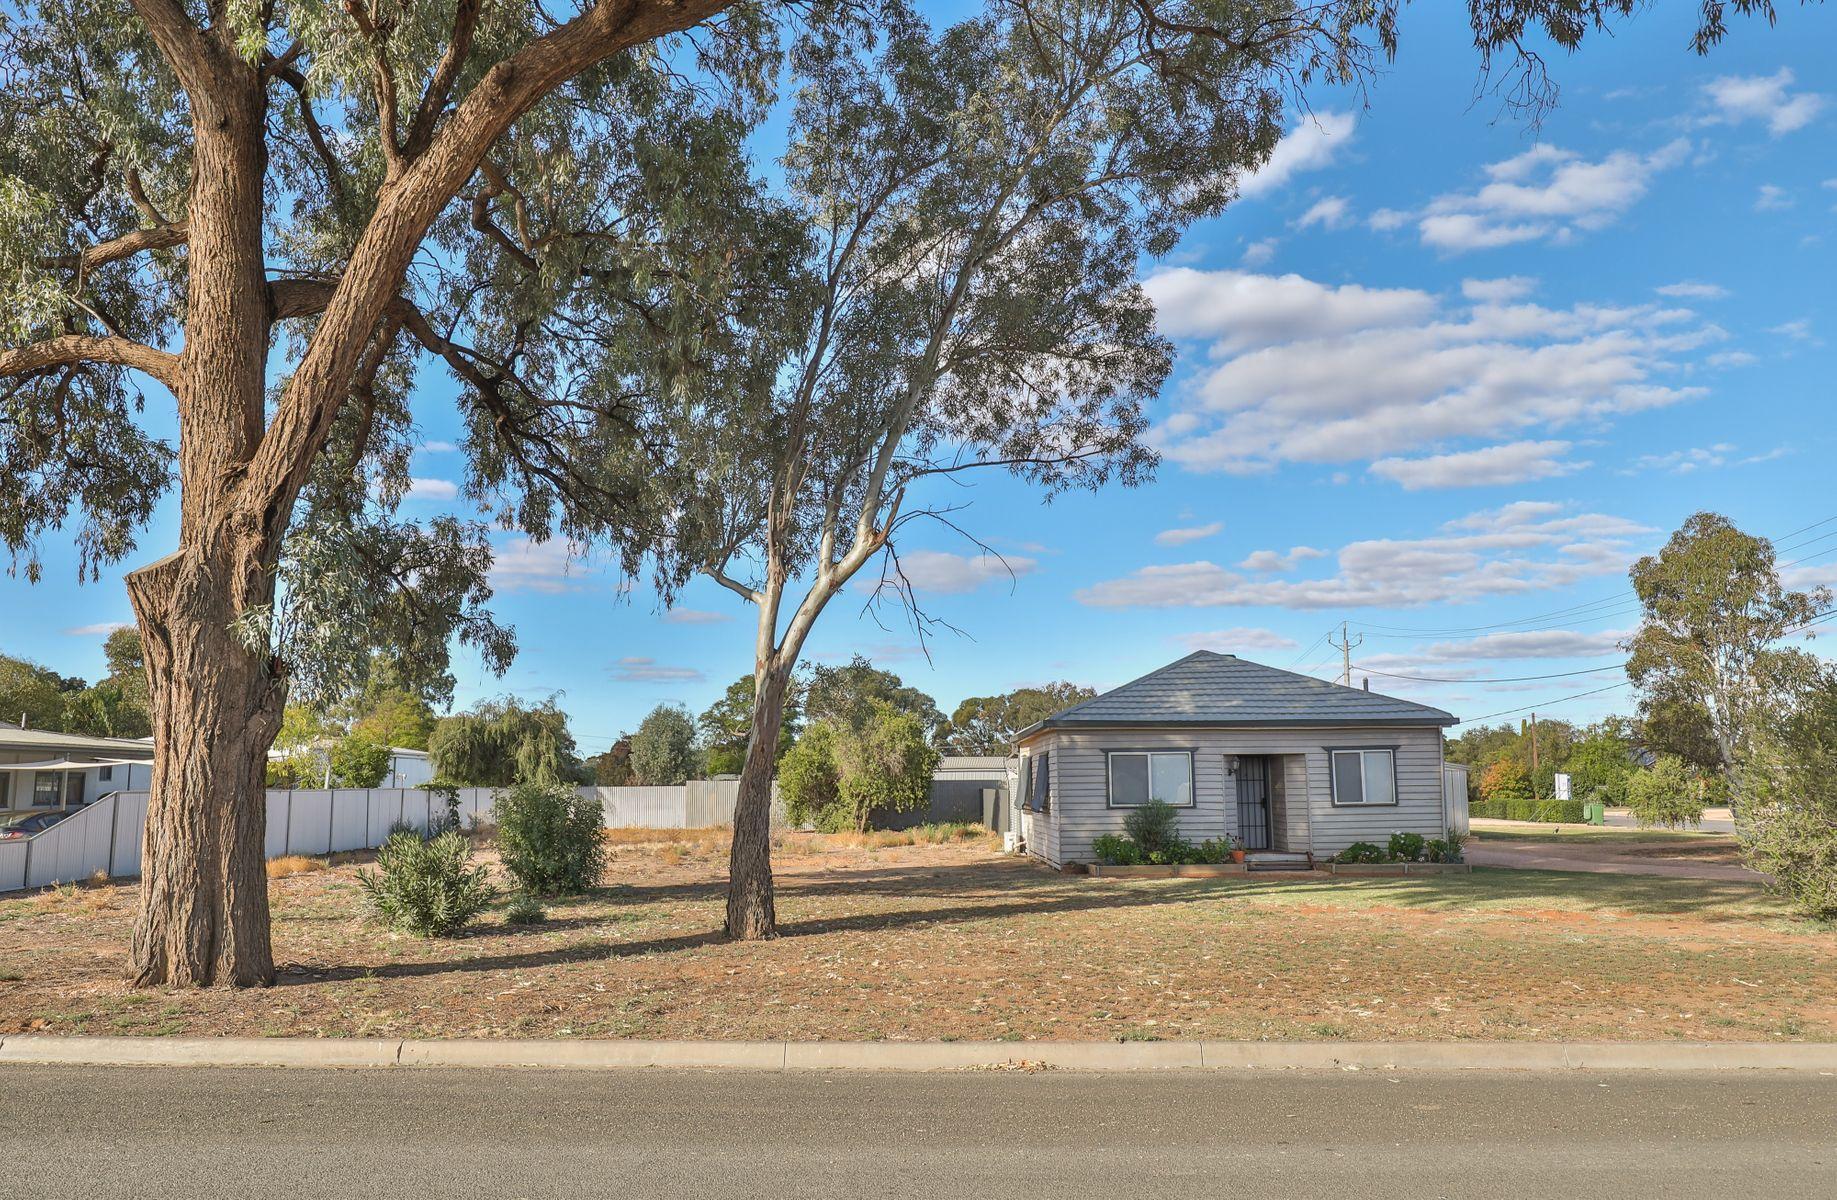 34 Wentworth Street, Wentworth, NSW 2648